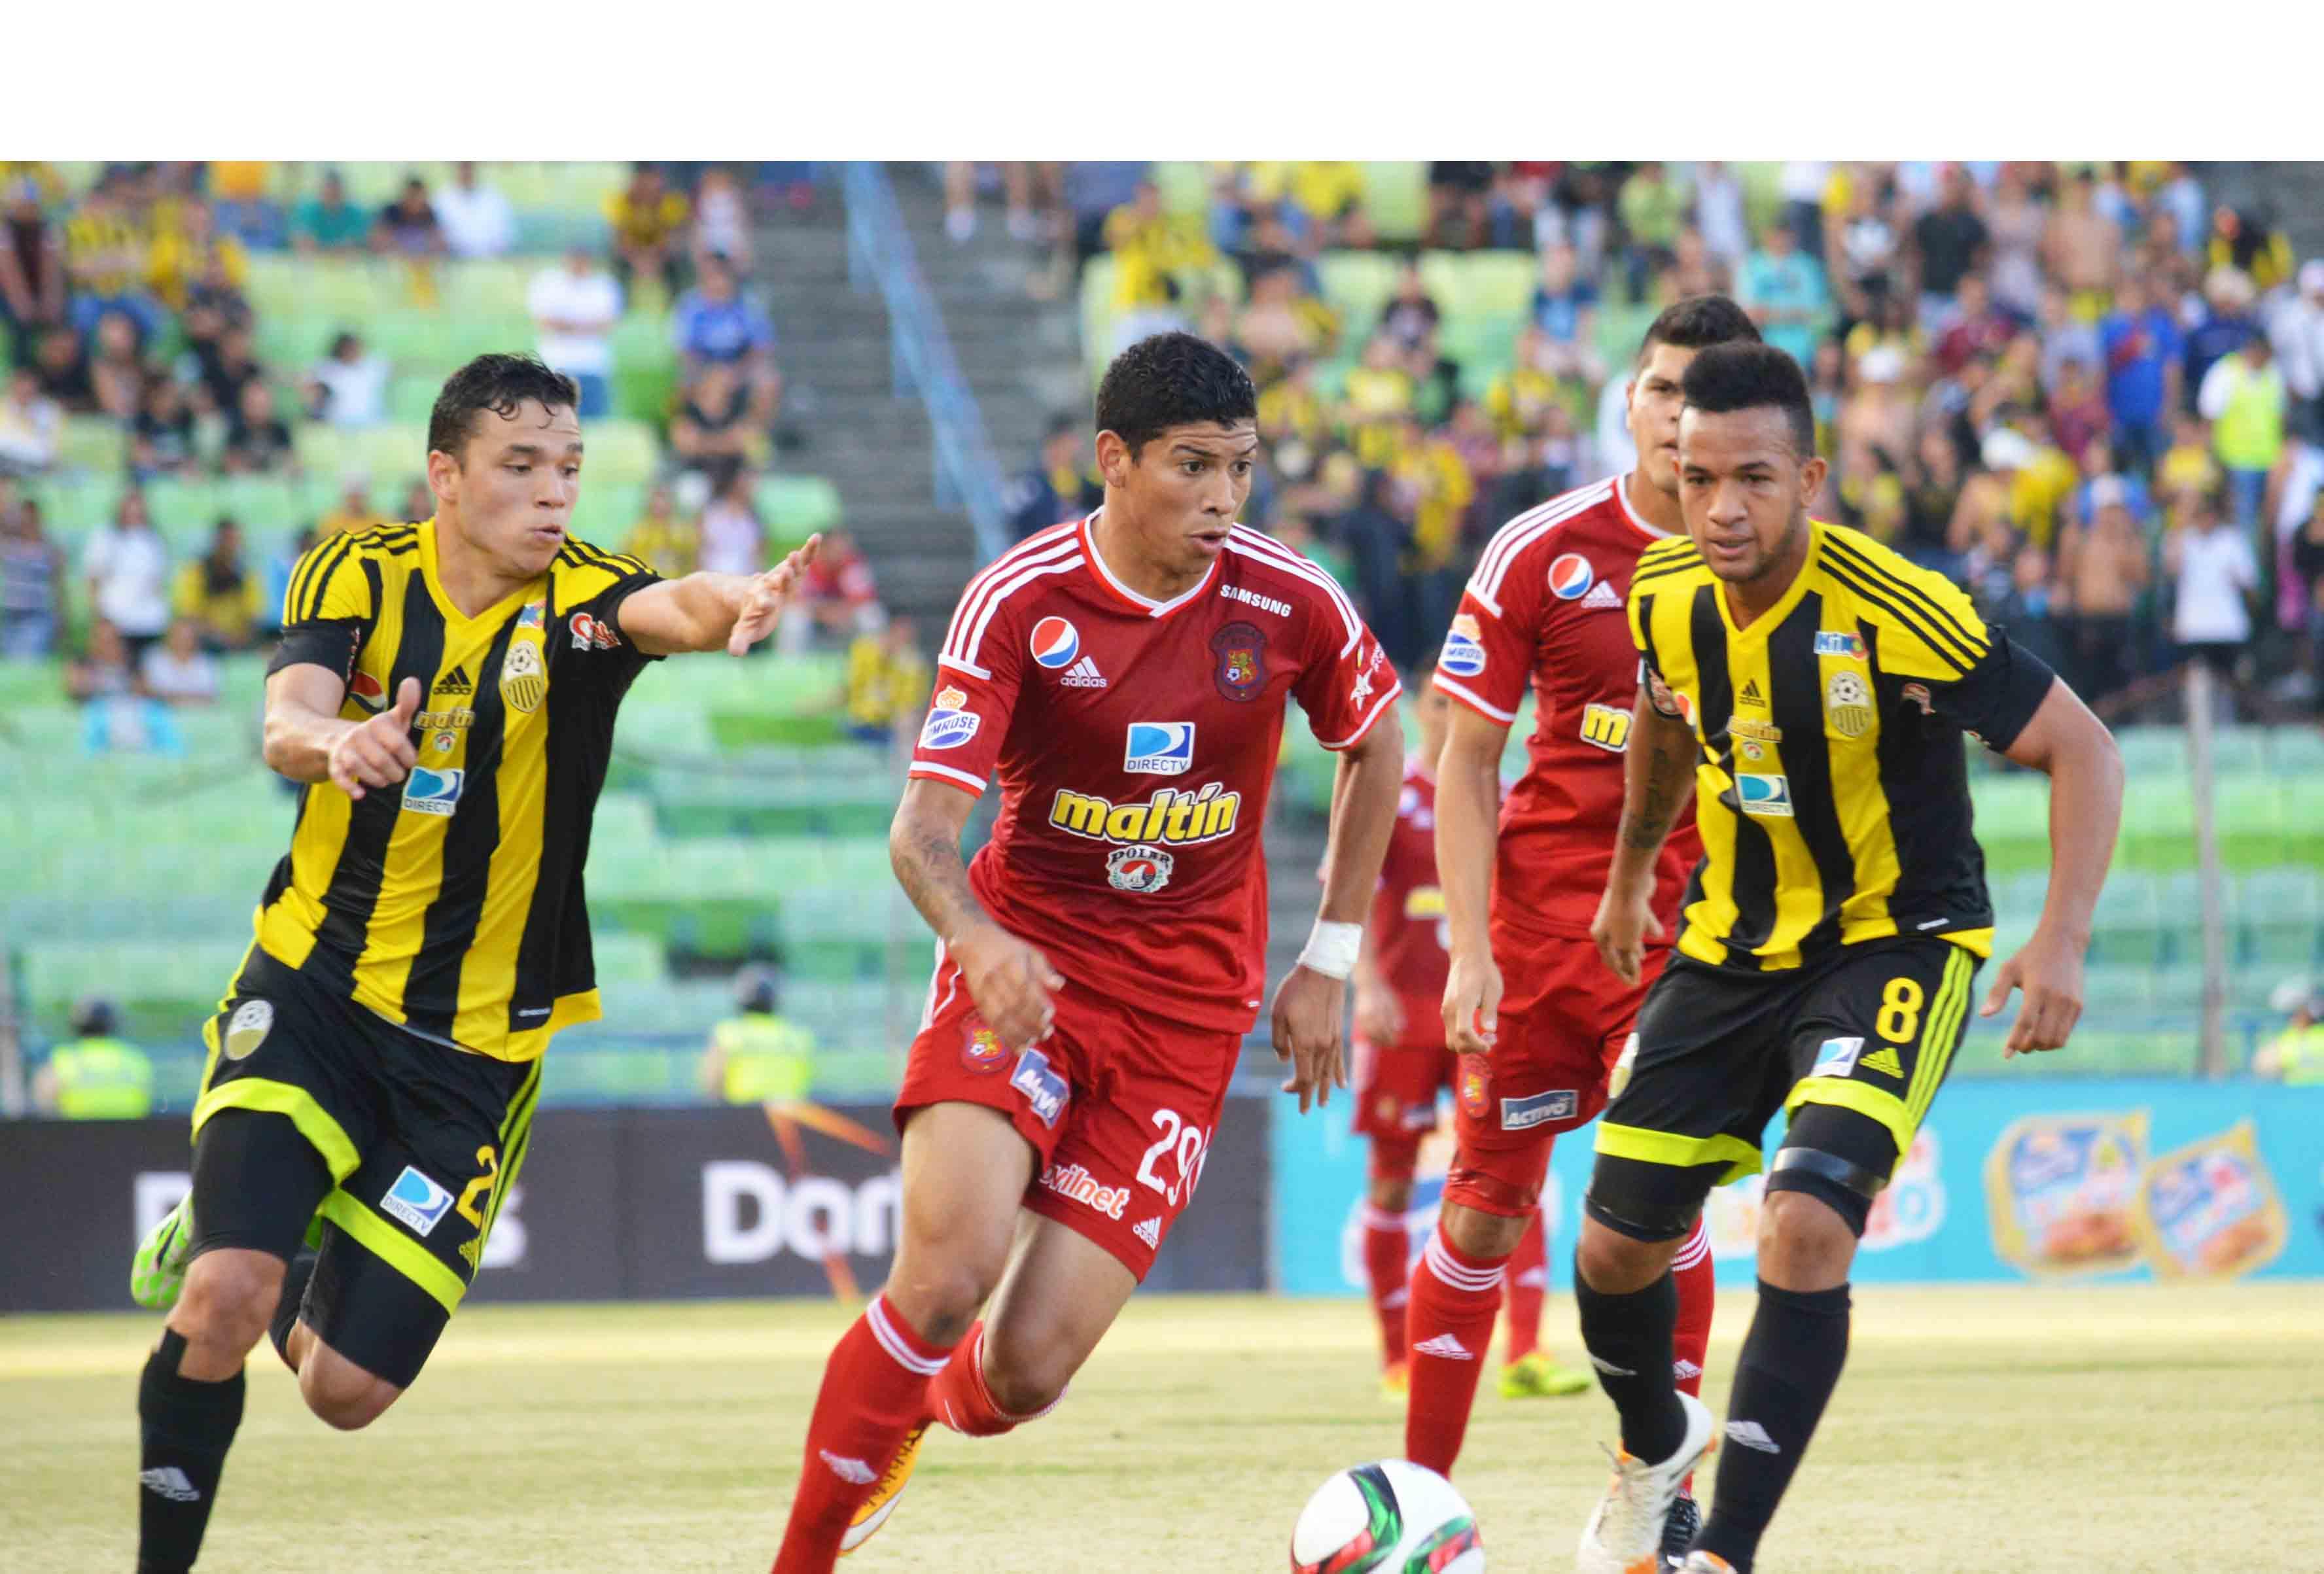 El equipo capitalino se creció ante un Deportivo Táchira que lucho los noventa minutos pero no consiguió perforar la arqueria de Wuilker Fariñez